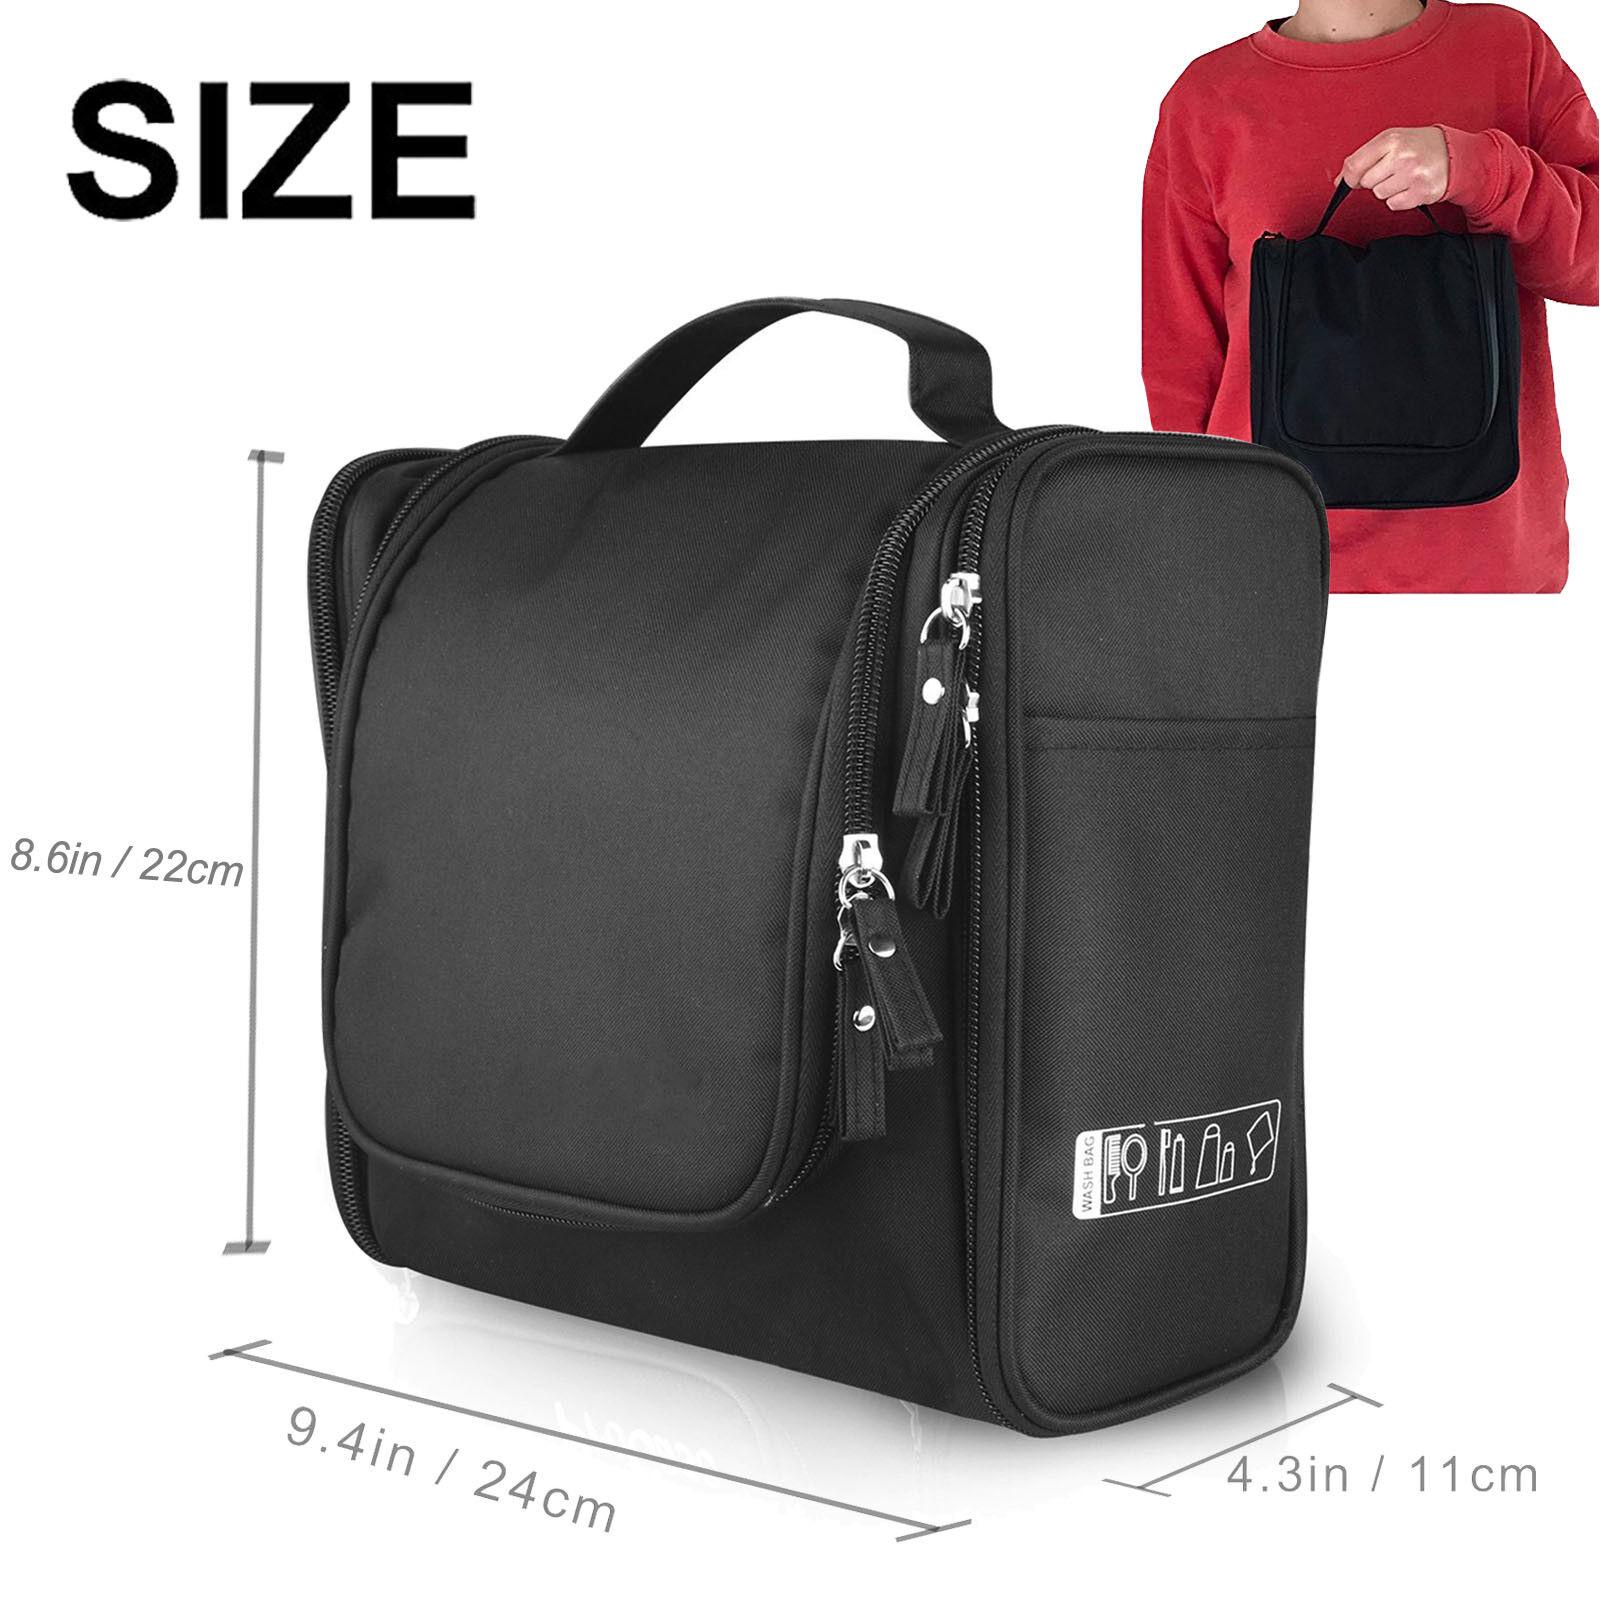 Travel Toiletry Bag Waterproof Bathroom Shower Bags with Han